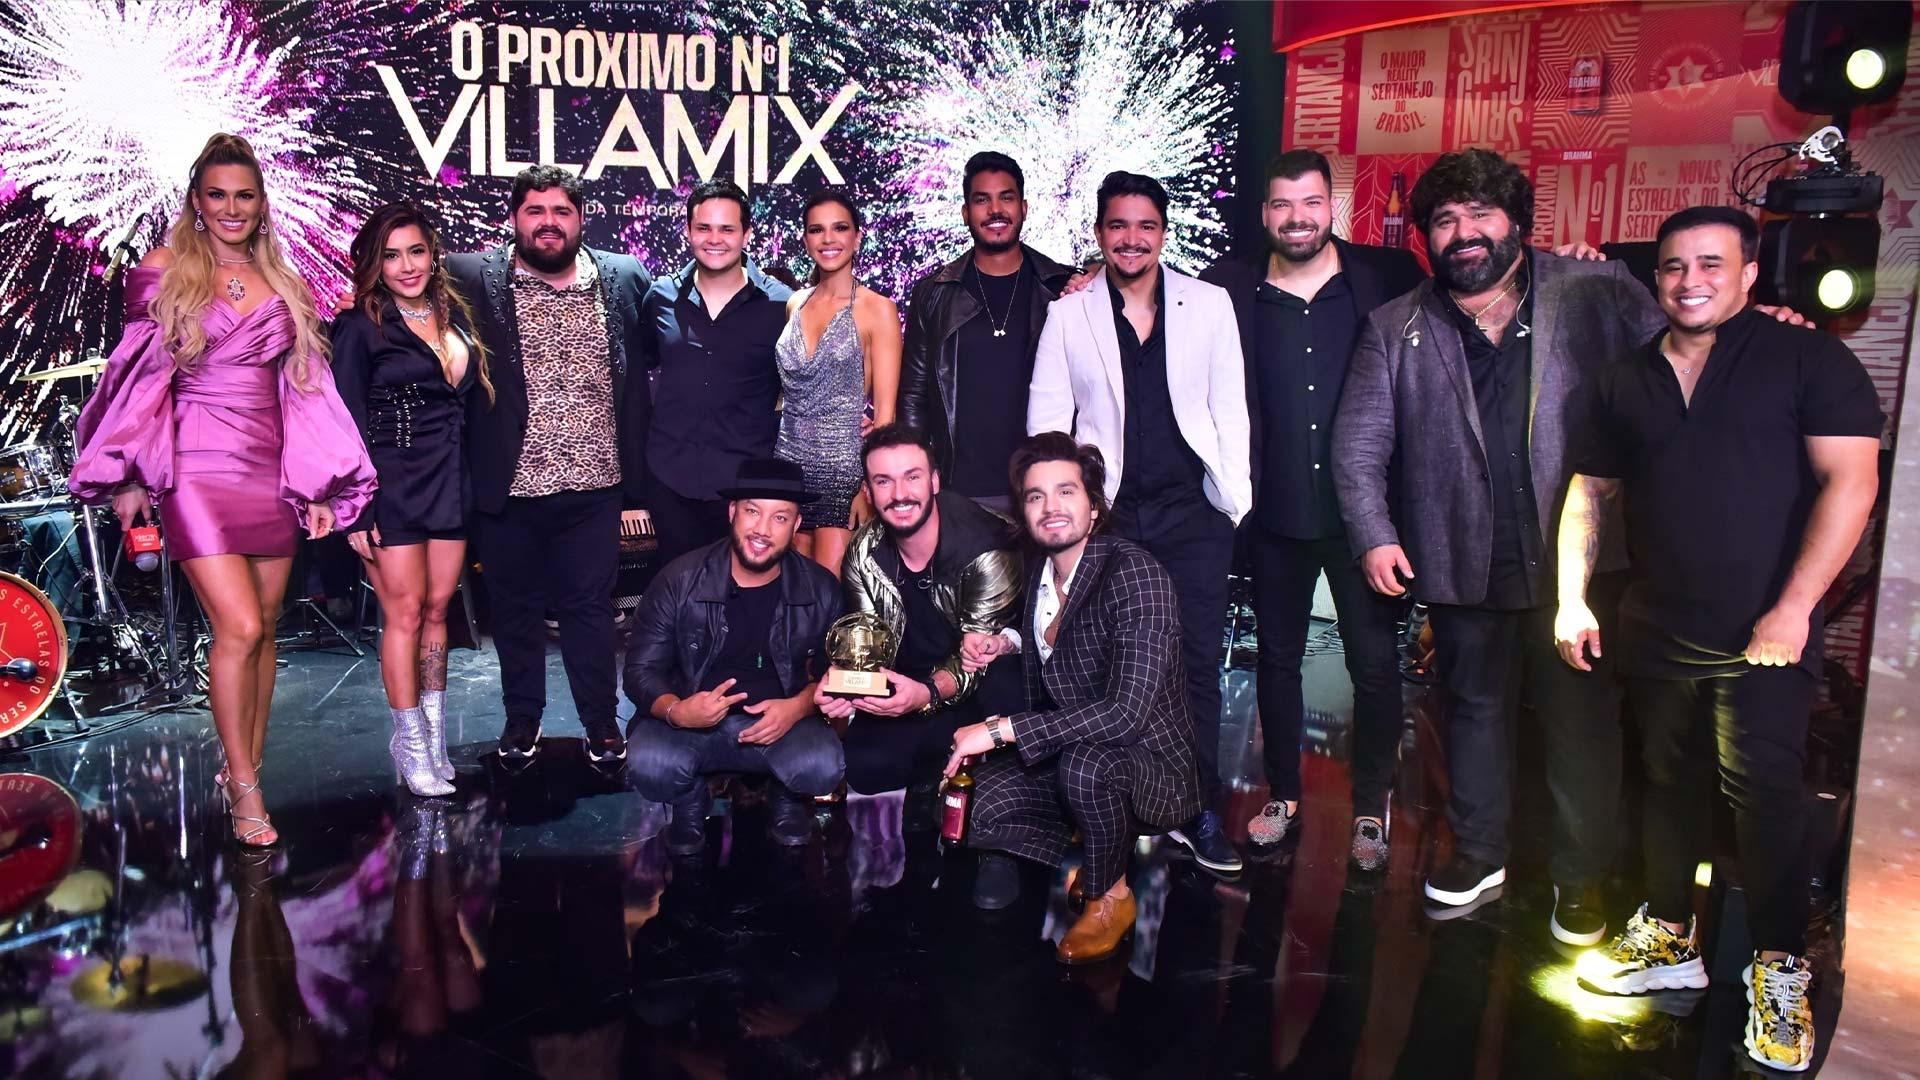 Evento O Próximo Nº1 VillaMix reúne artistas